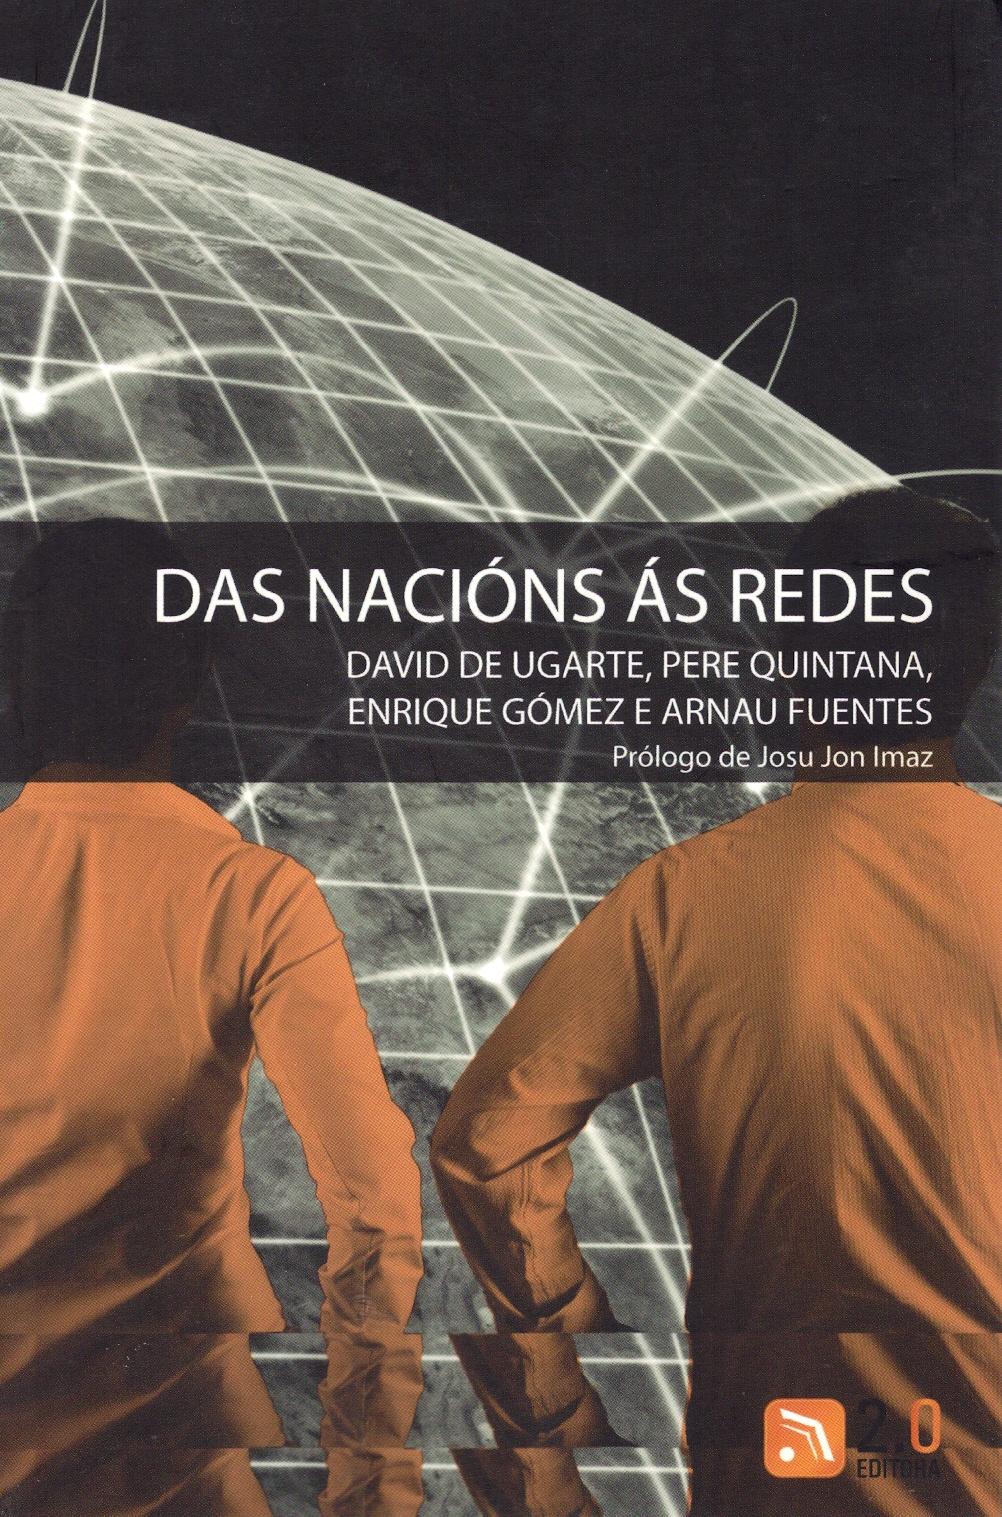 Das nacións as redes